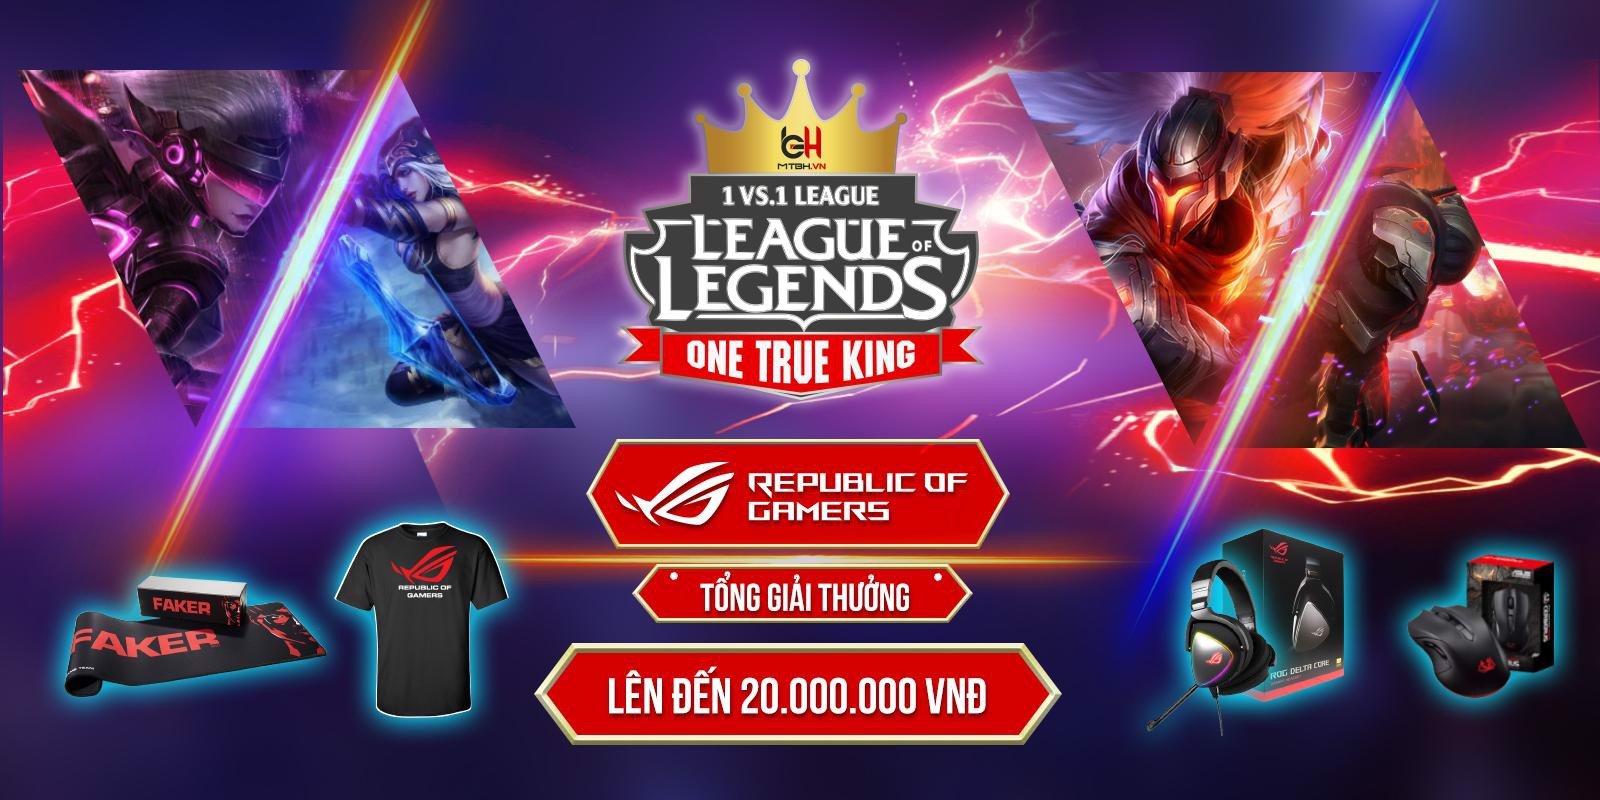 [MTBH.VN - League of Legends] Công bố giải đấu solo 1 vs. 1 -